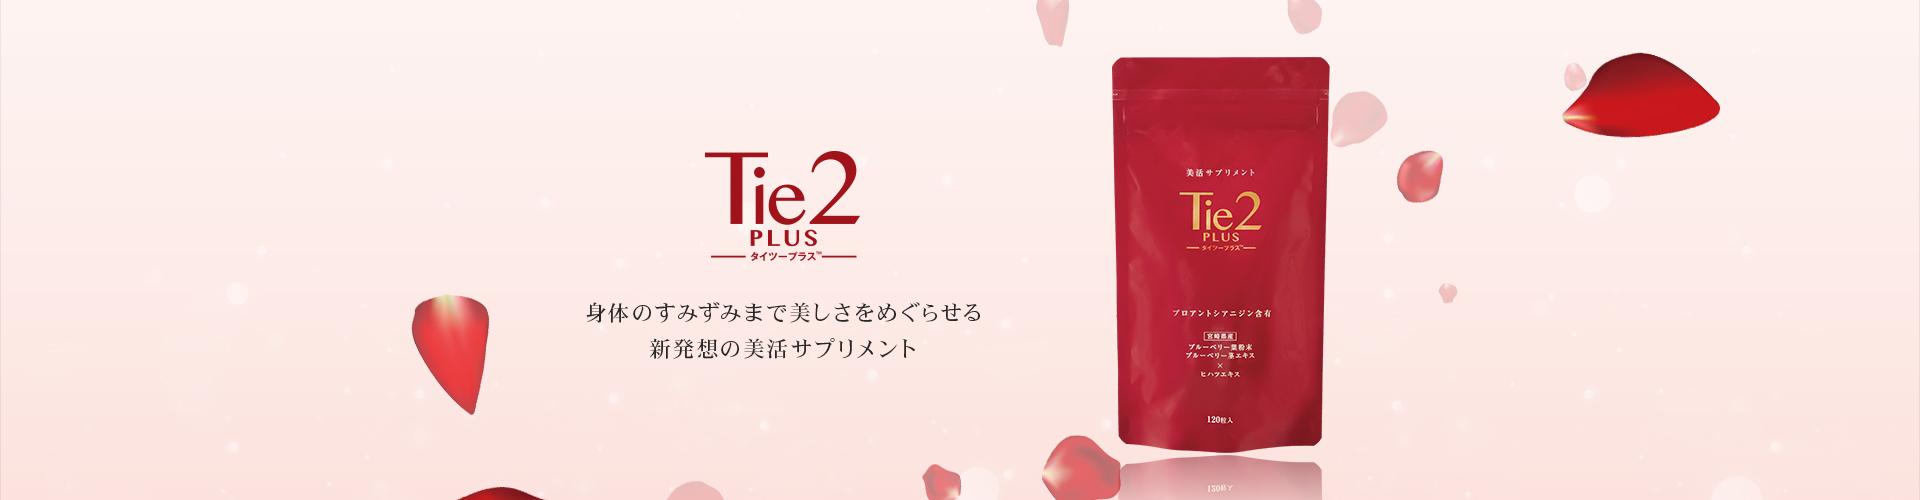 Tie2 Plus 肌と身体のすみずみまで美しさをめぐらせる新発想の美活サプリメント